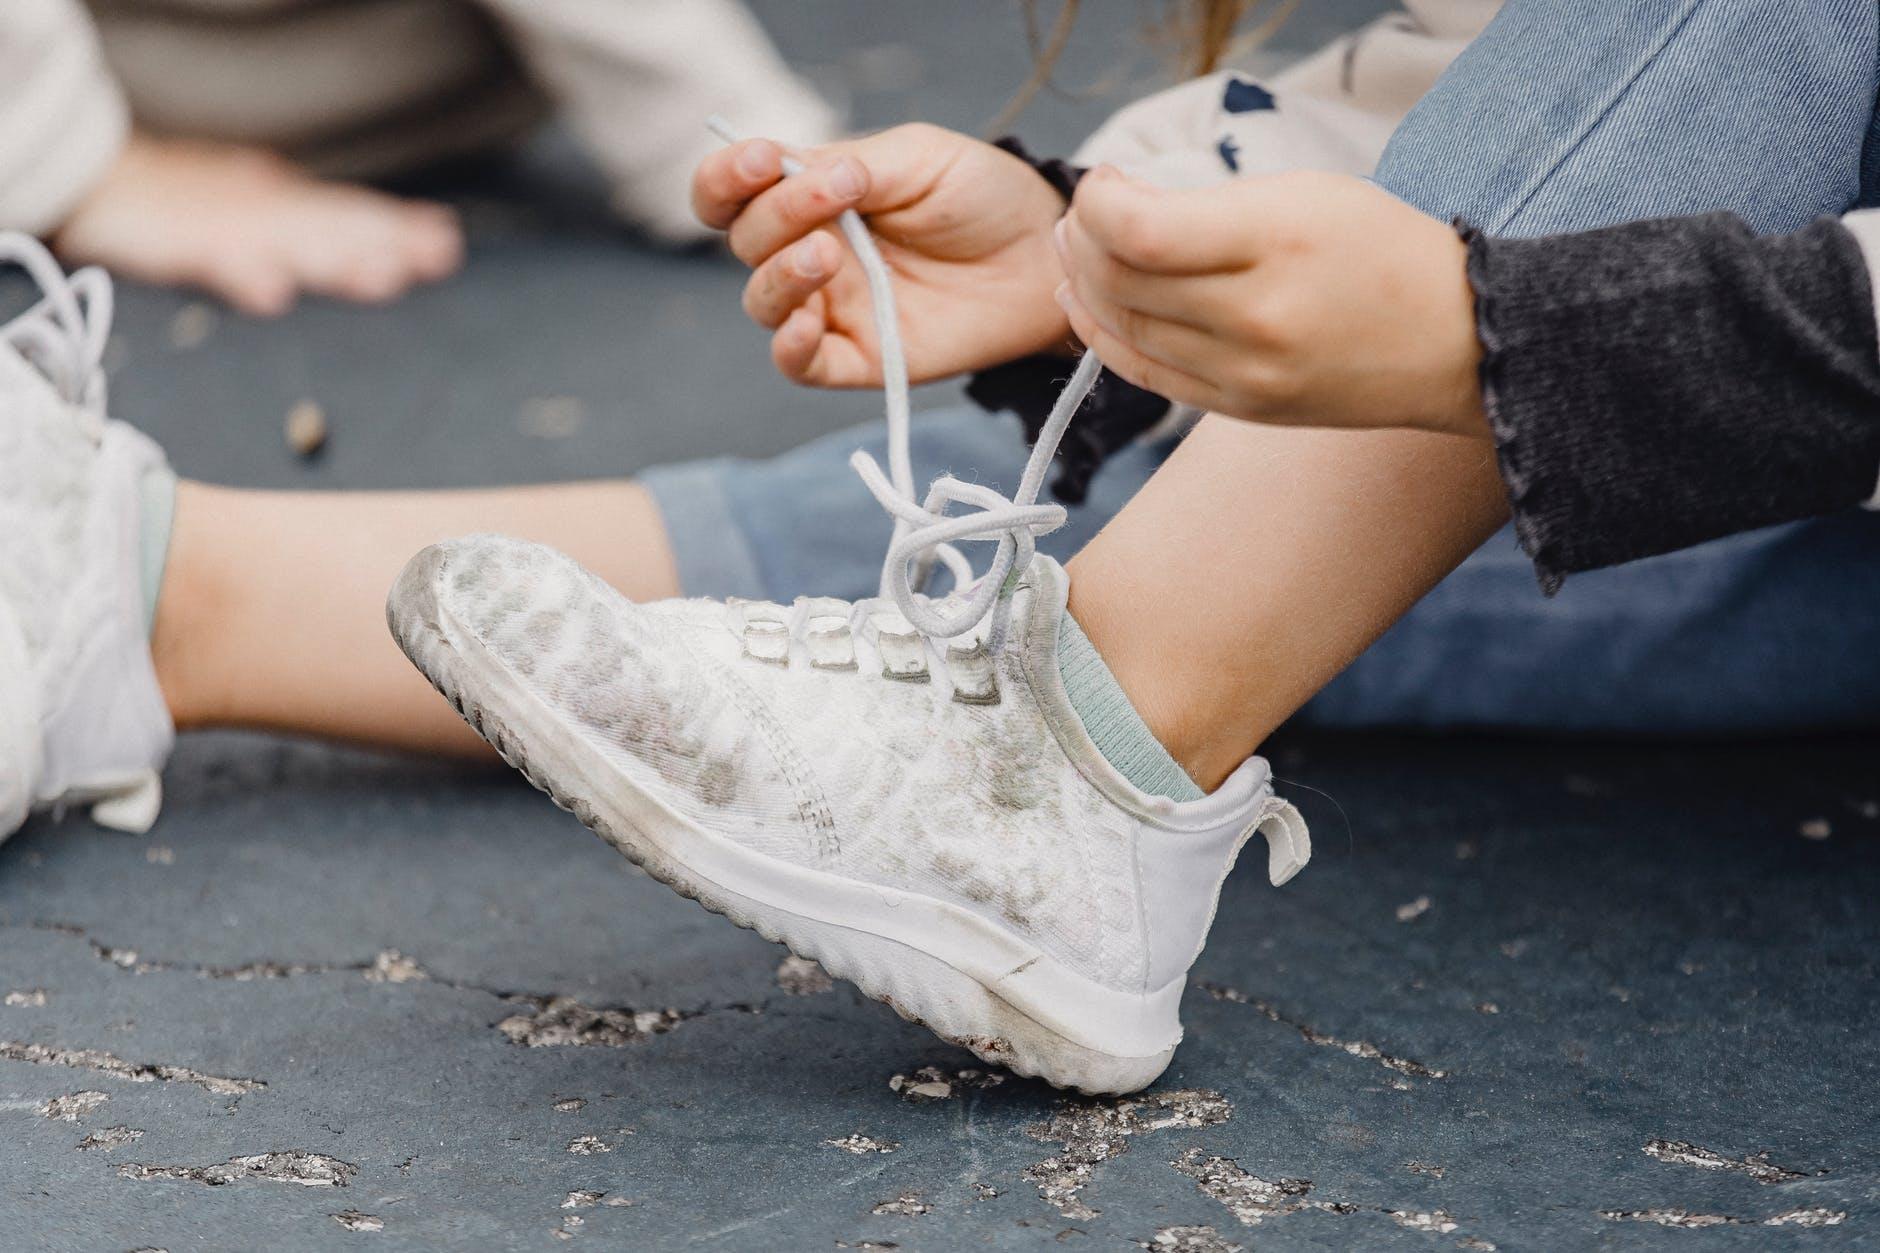 crop kid tying shoelaces on sneakers